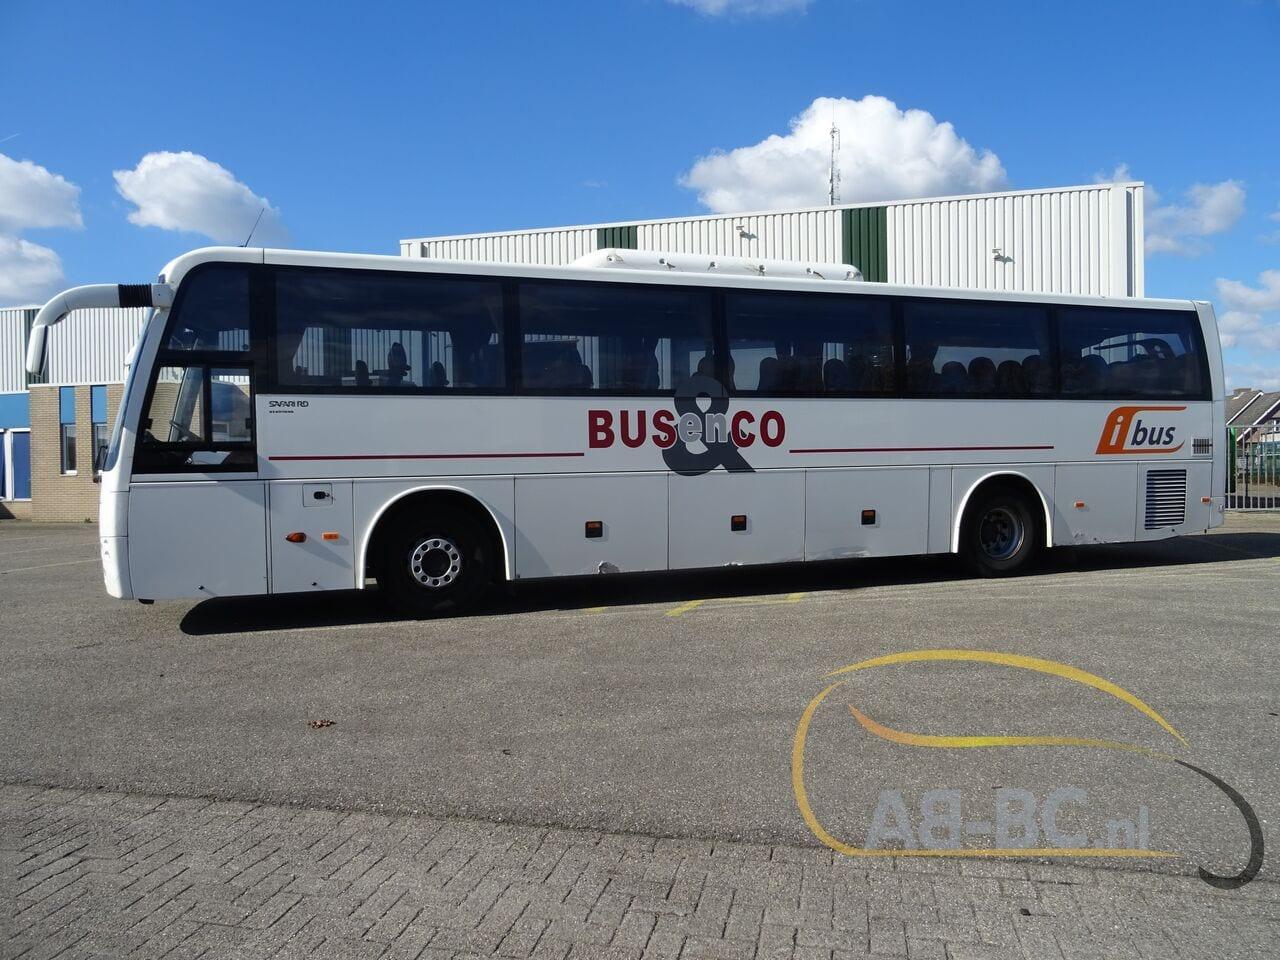 coach-busTEMSA-Safari-RD-53-Seats-DAF-Motor-12-mtr---1616166615050716098_big_5fcbd1b1953afbf36d41f06f1a797d4a--21031917053743807500